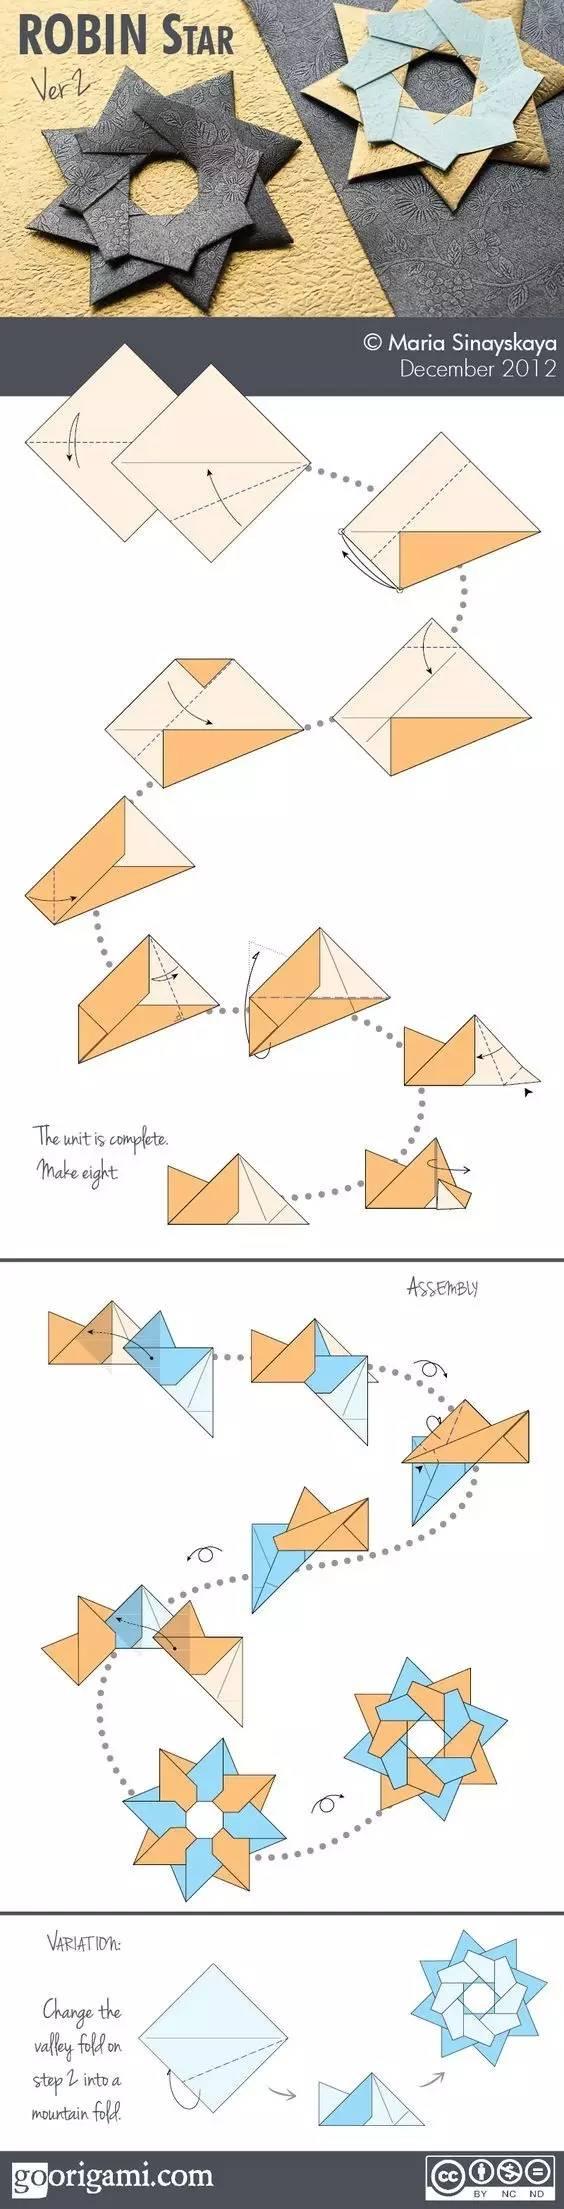 大人孩子都能一起玩的折纸,几张彩纸就够玩一天啦!